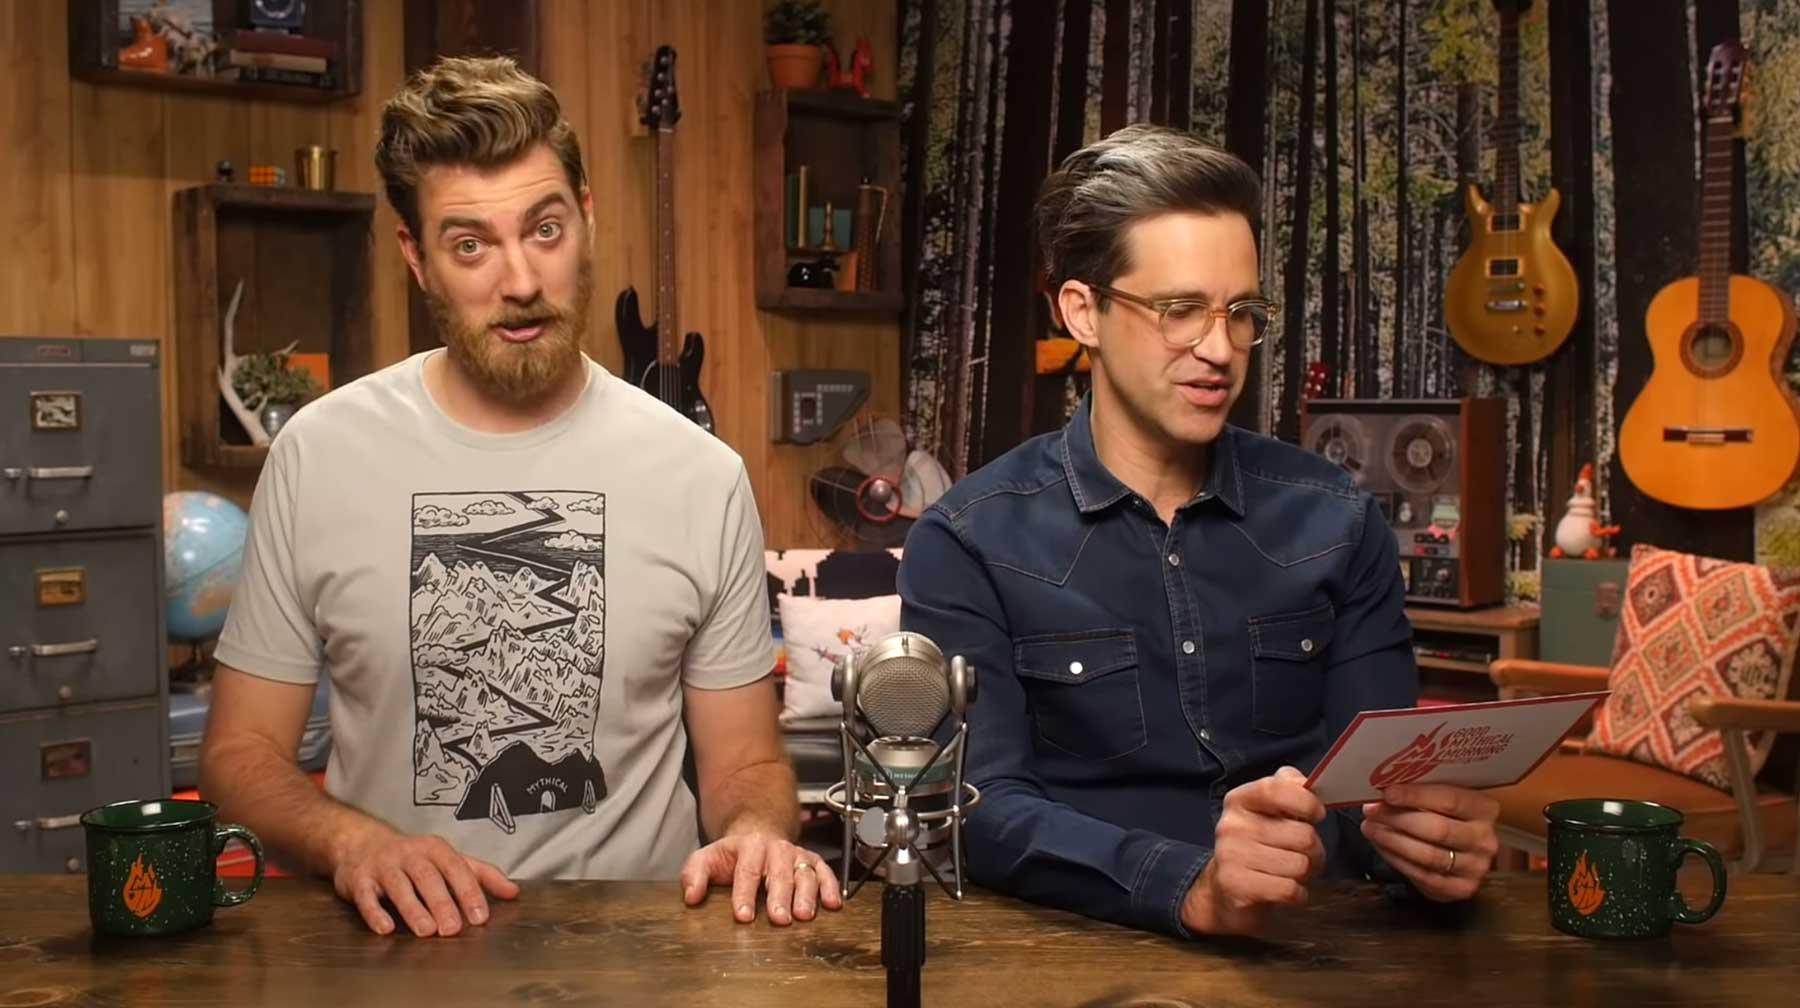 Rhett & Link erraten geheime Offenbarungen von Zimmermädchen rhet-and-link-raten-hoteldreck